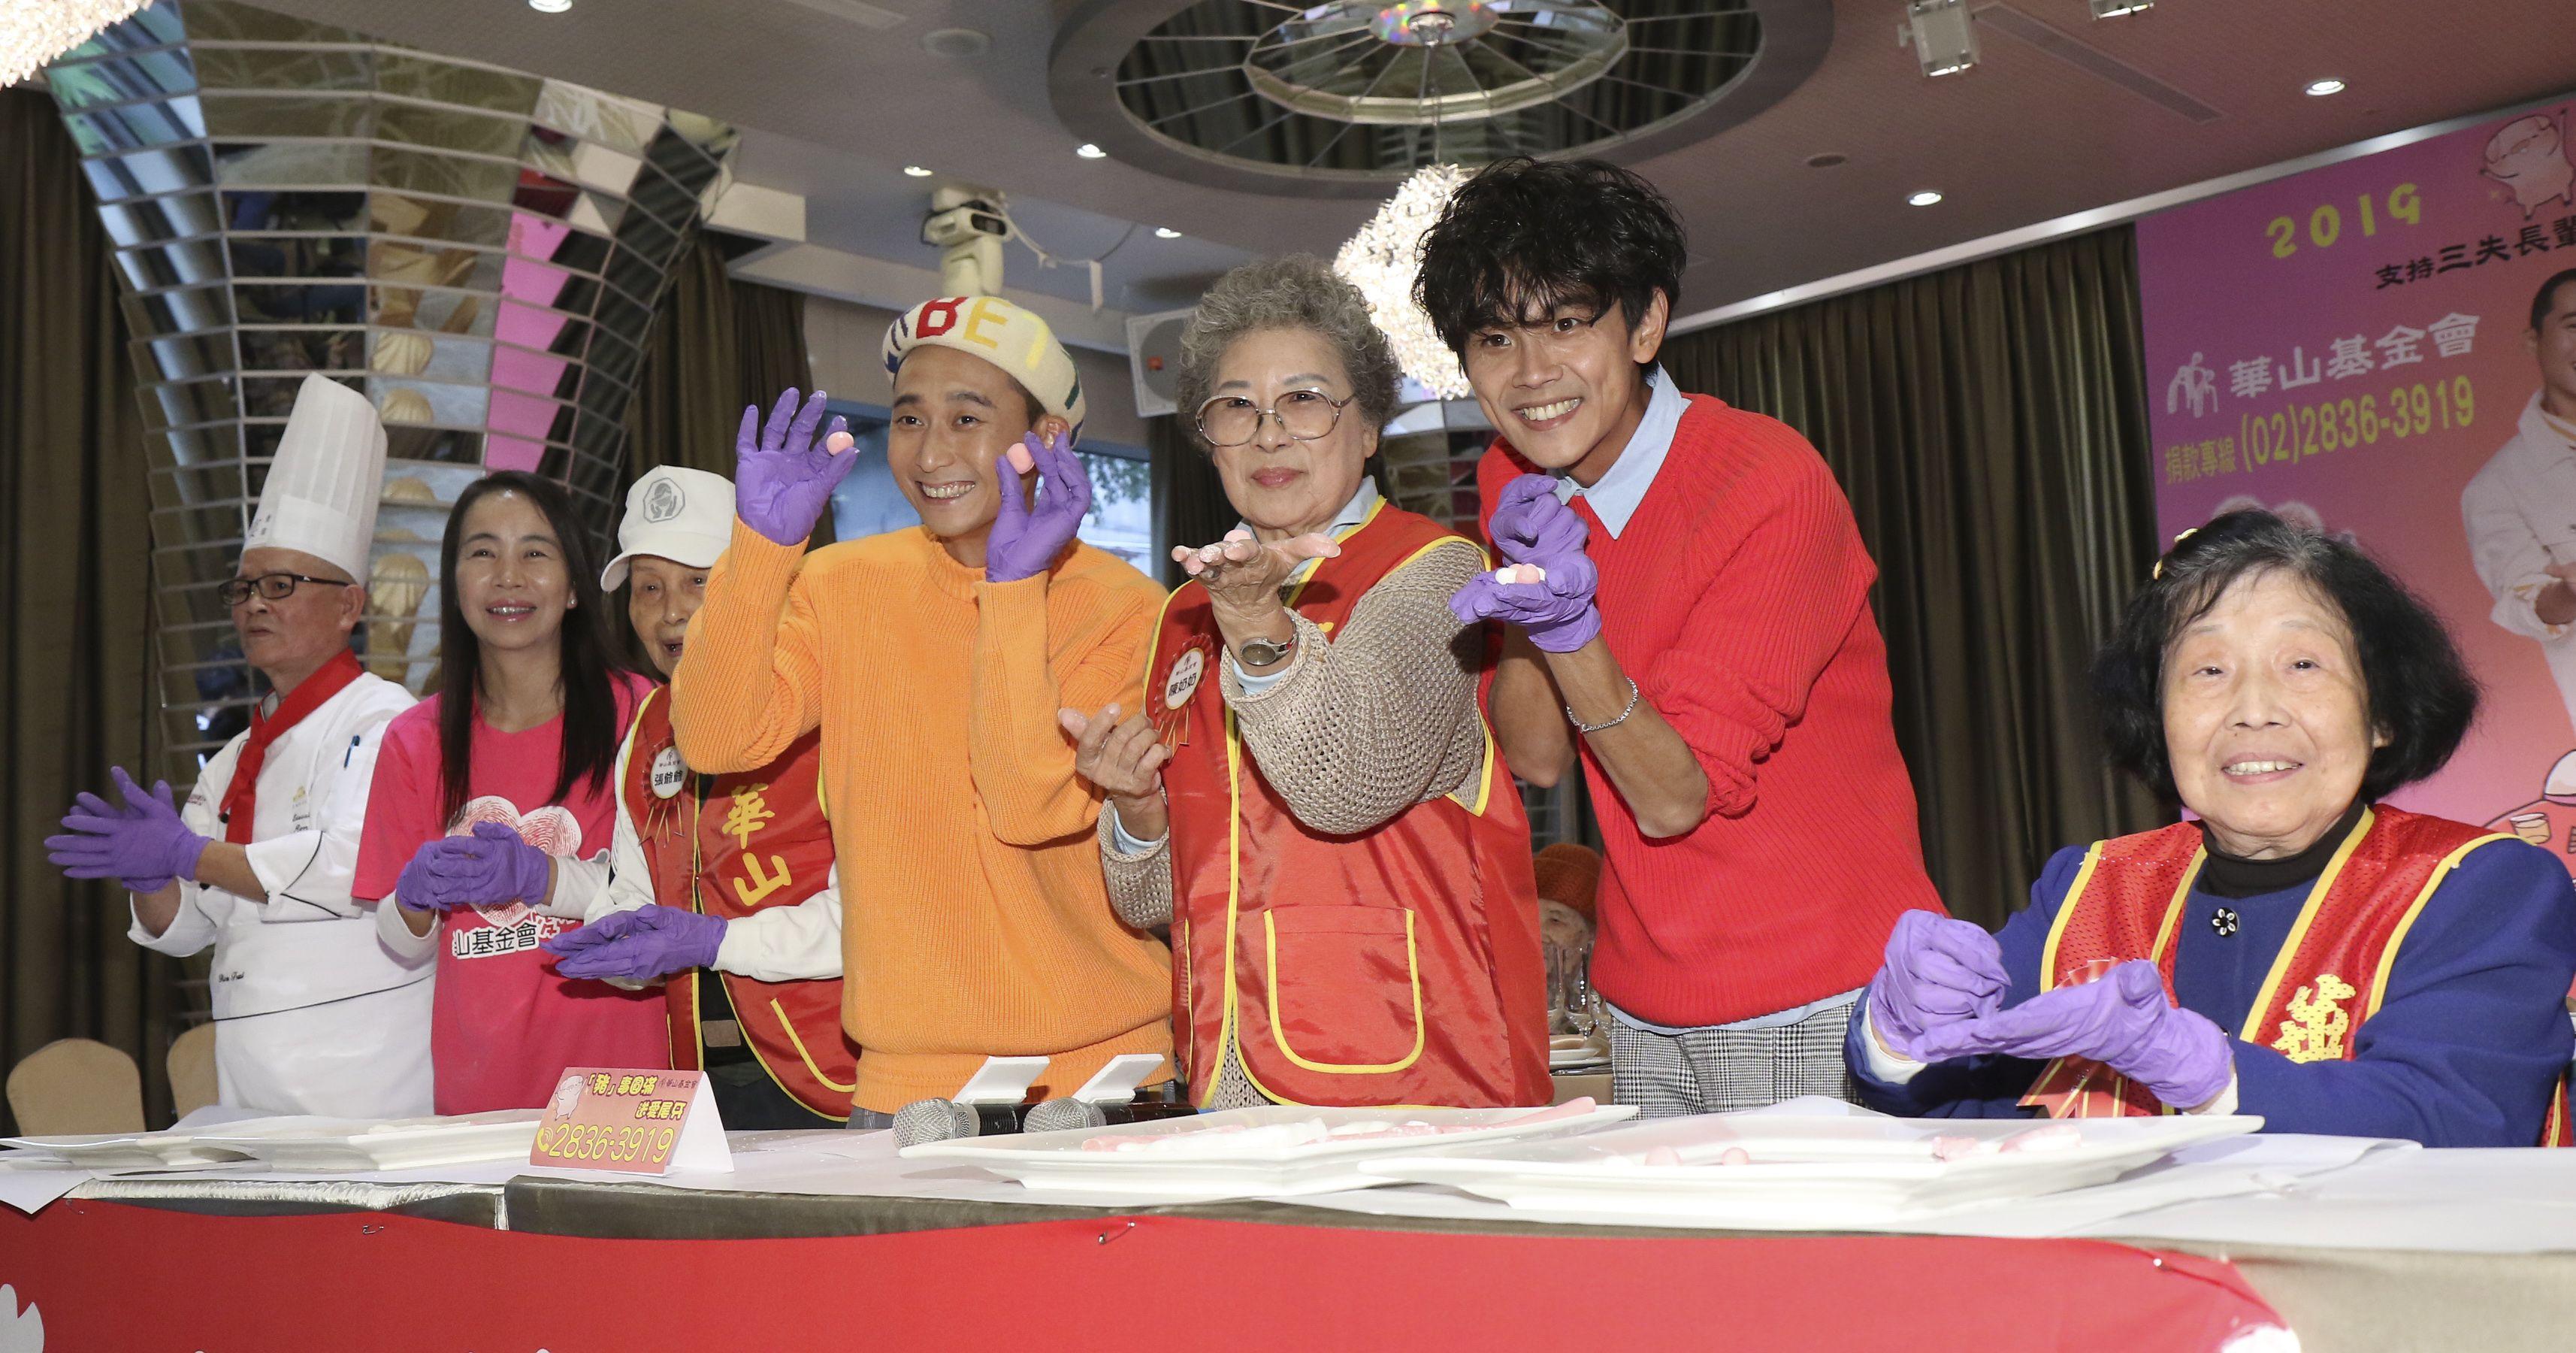 浩角翔起今受邀擔任華山基金會公益大使,一同與長輩搓湯圓。(記者林士傑/攝影)